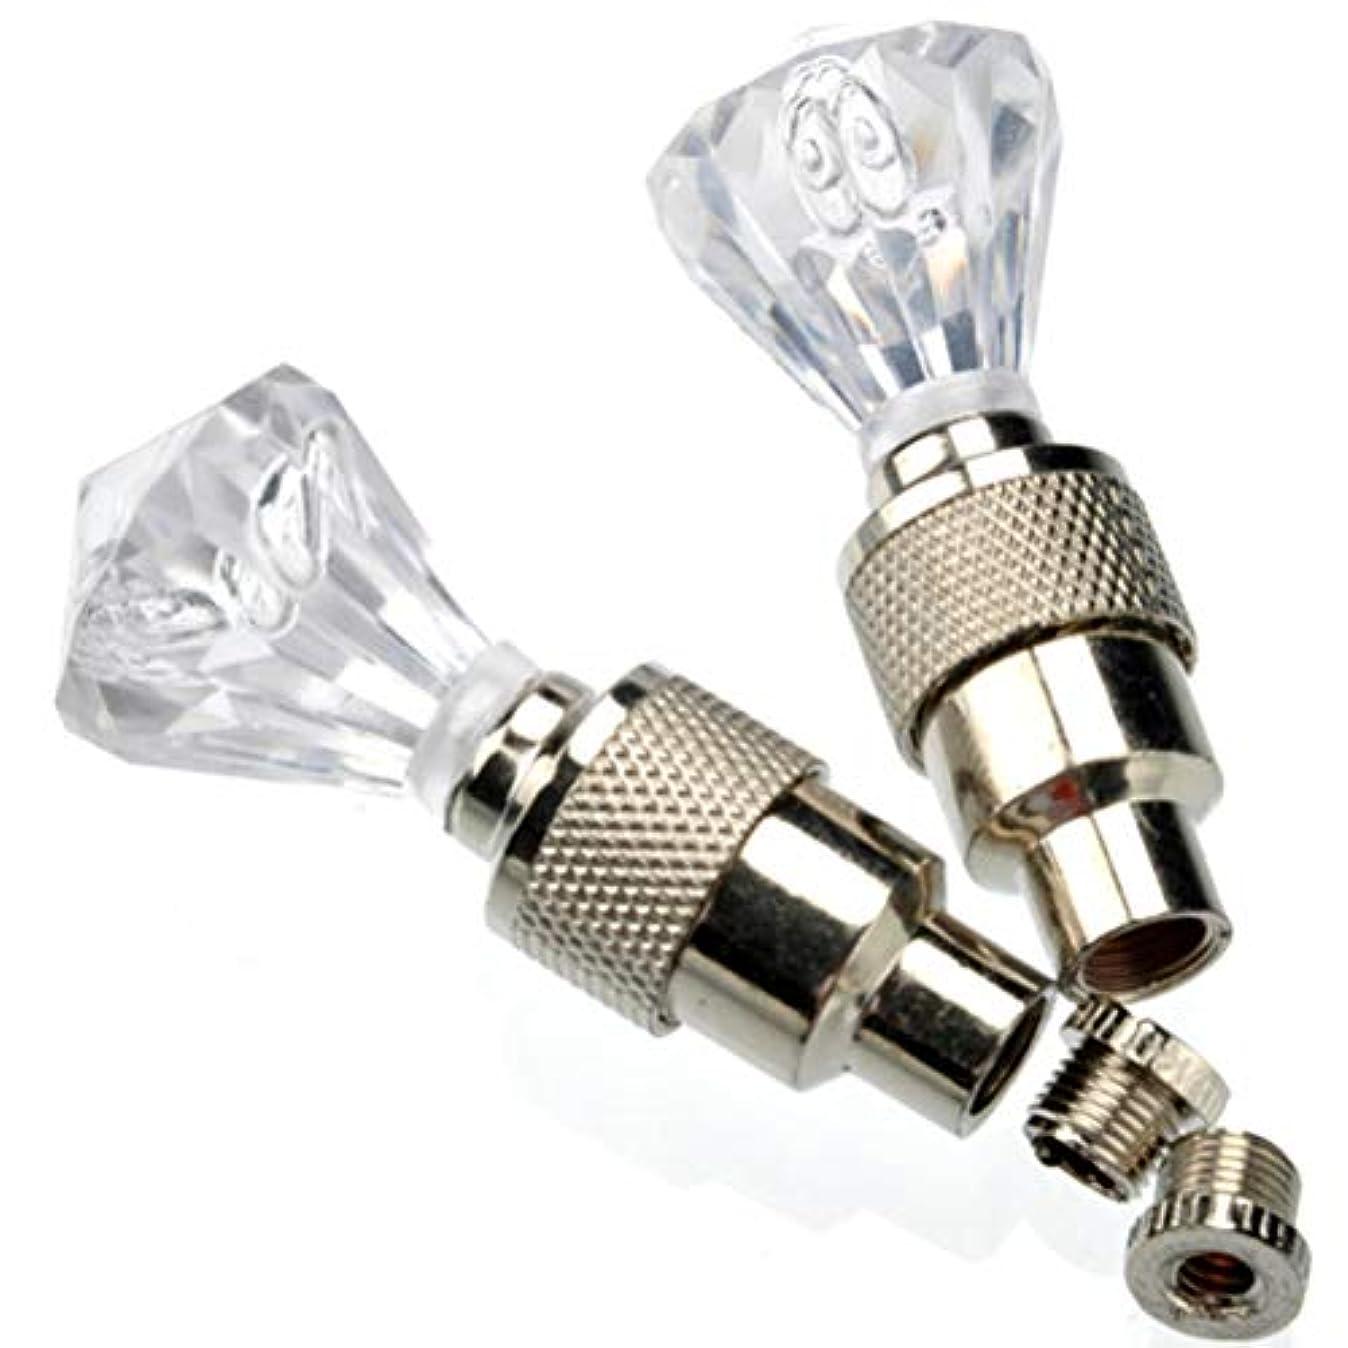 繰り返した同盟突き刺すWINOMO ダイヤモンド型 フラッシュ バルブ シーリング キャップ LEDライト 自転車 バイク 自動車タイヤ用 (白)